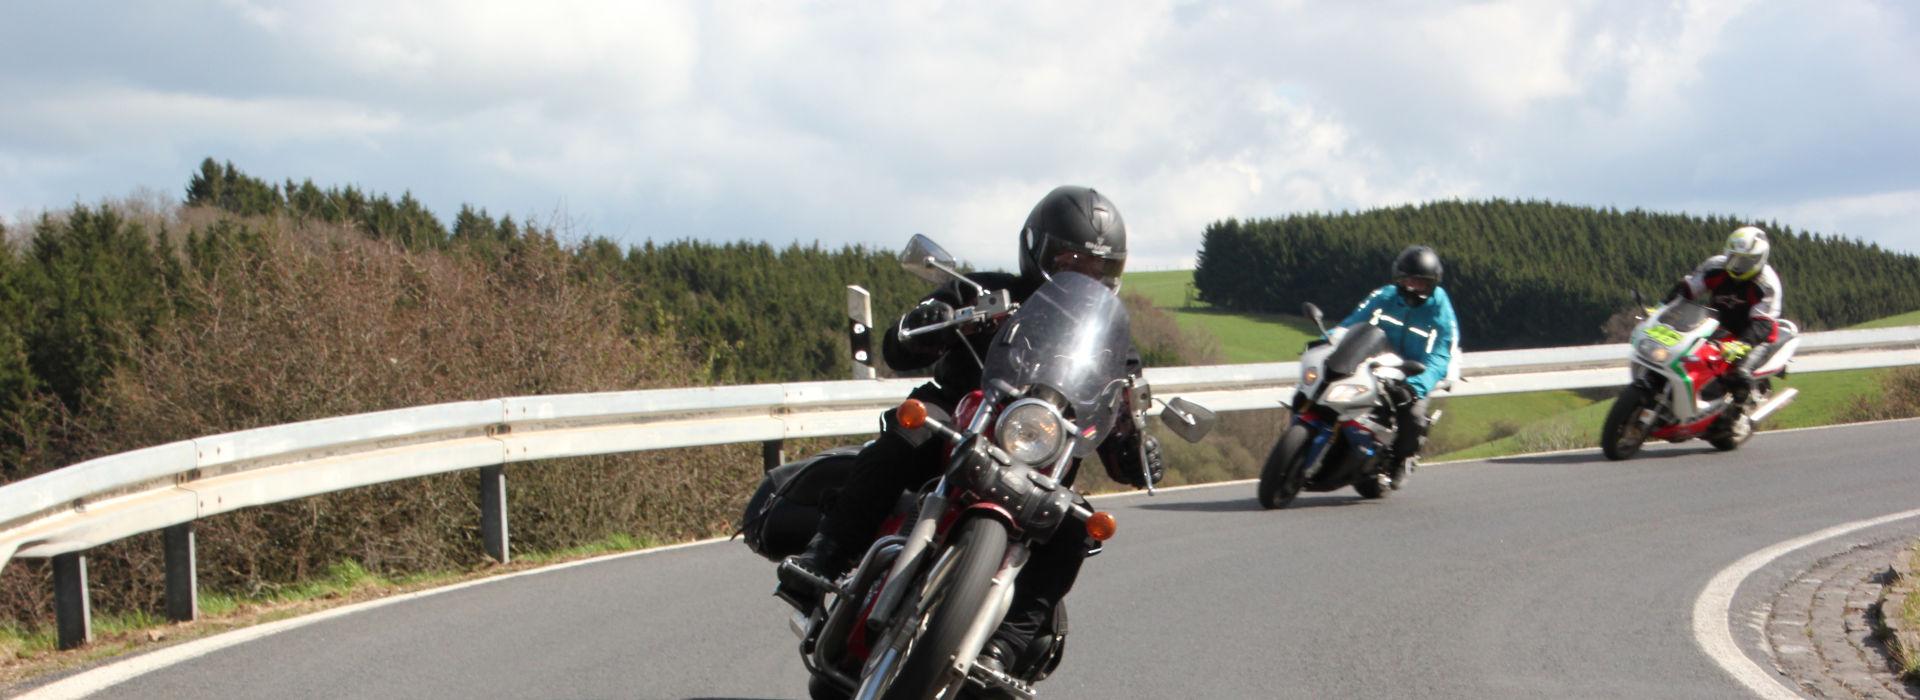 Motorrijbewijspoint Brunssum motorexamens AVB en AVD